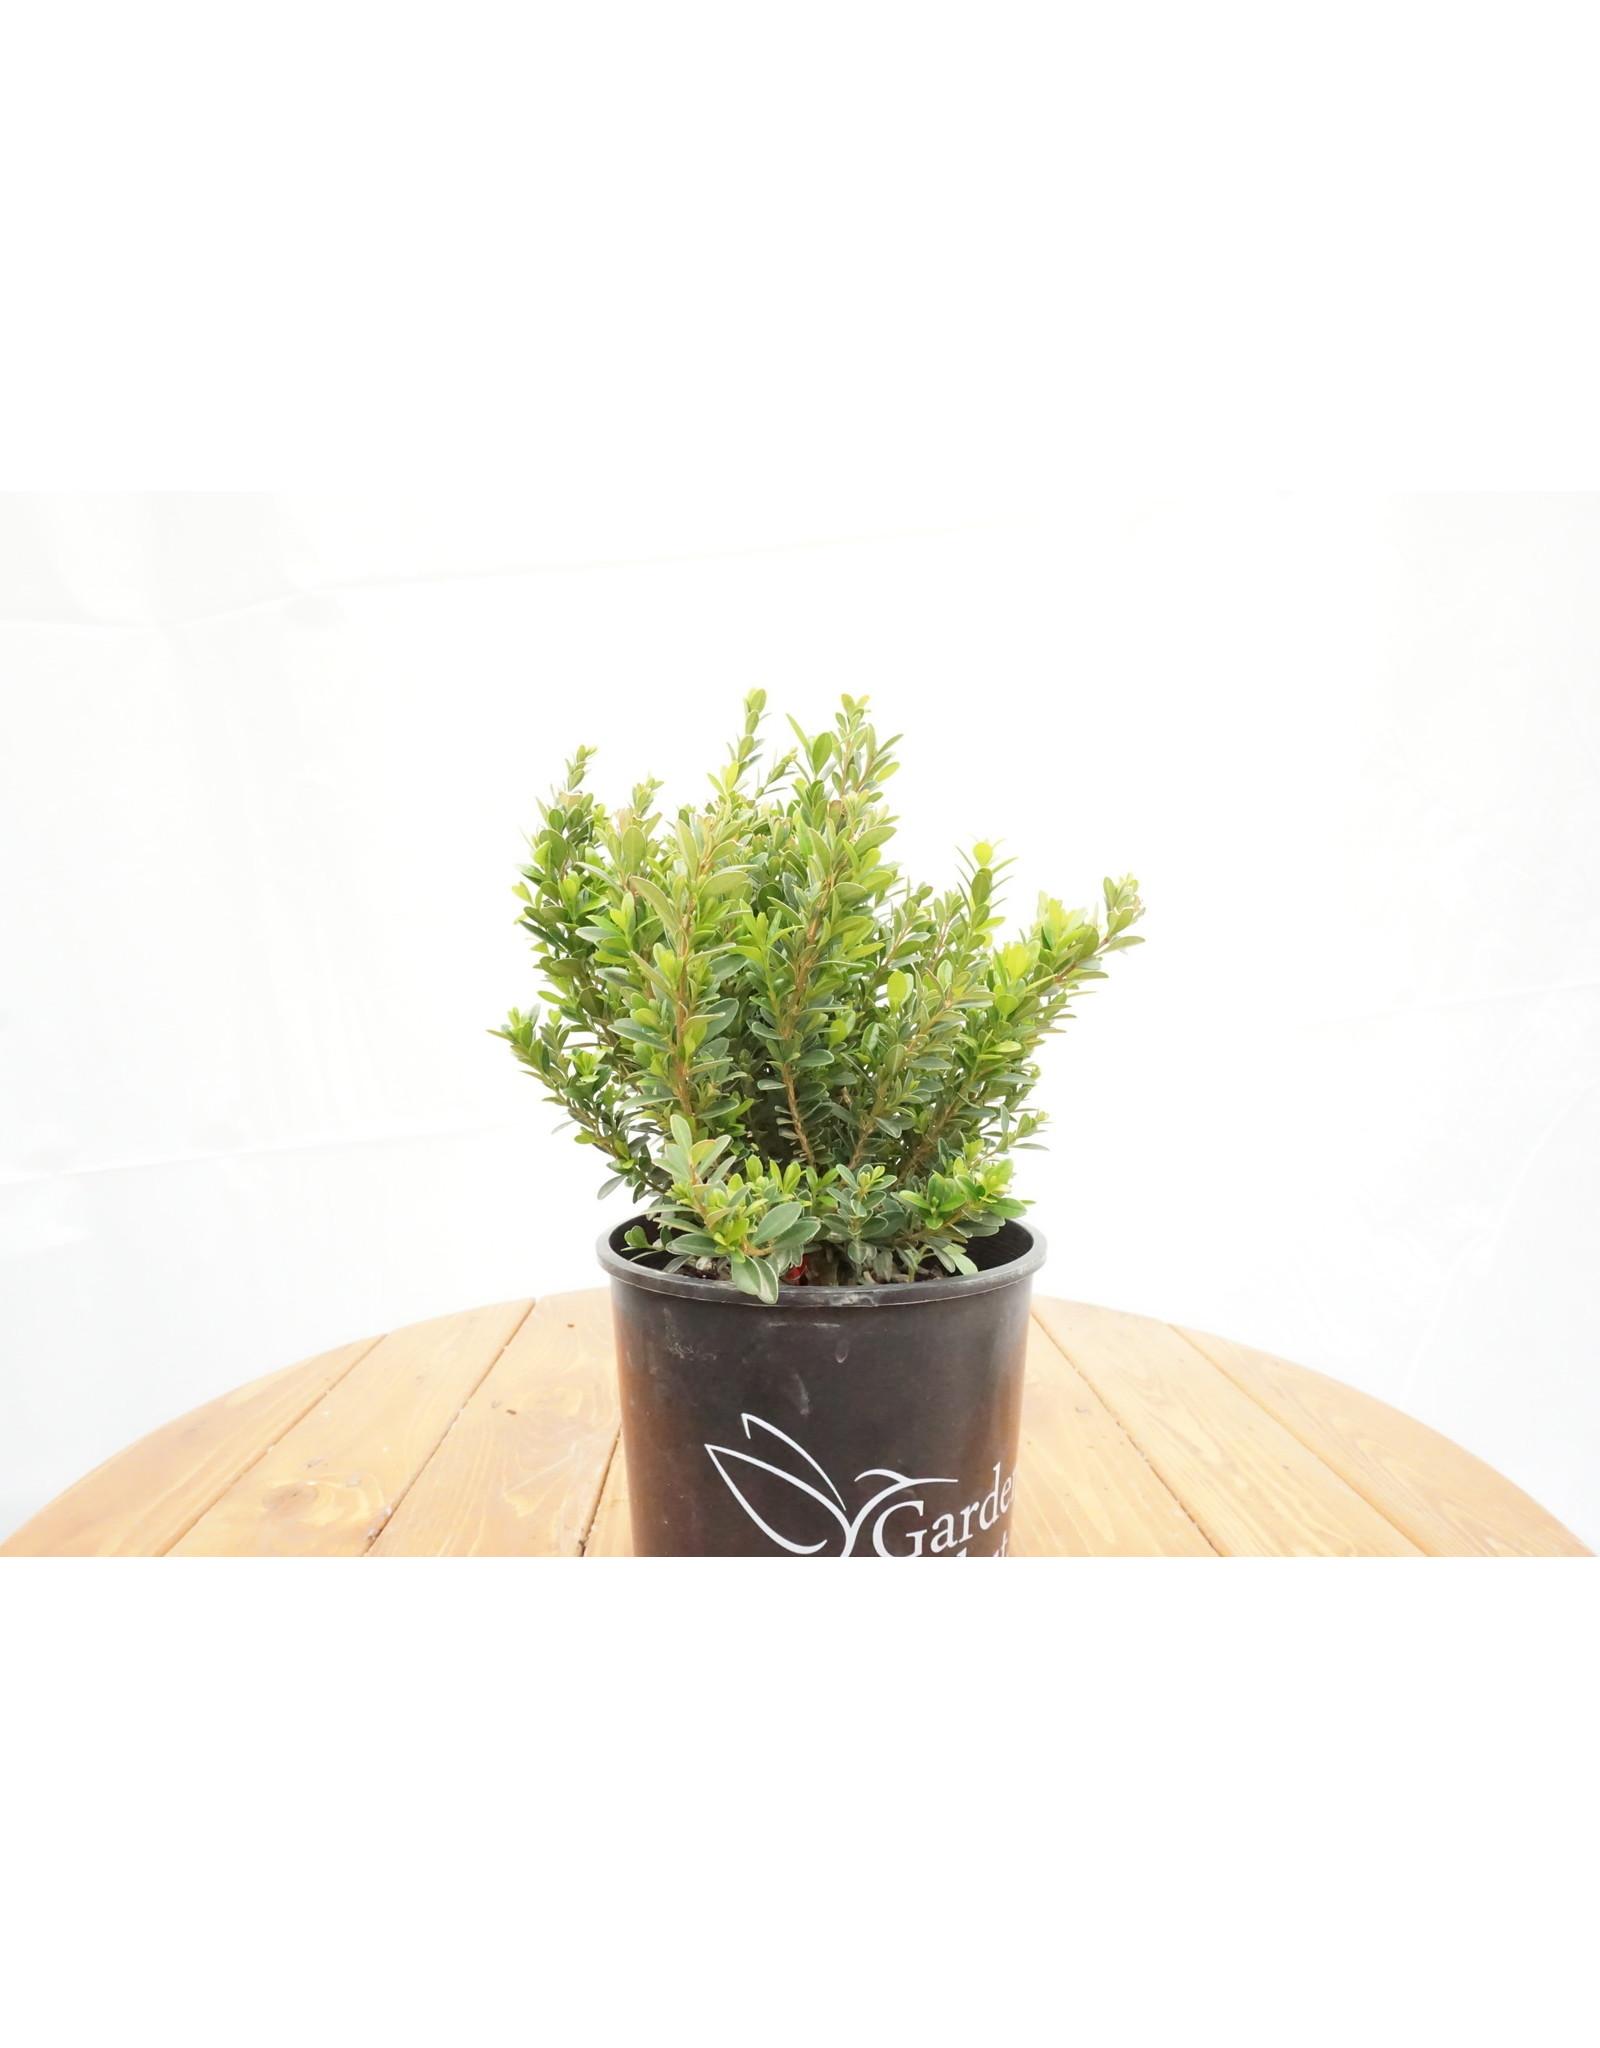 Boxwood - Buxus 'Baby Jade' - 1 Gallon